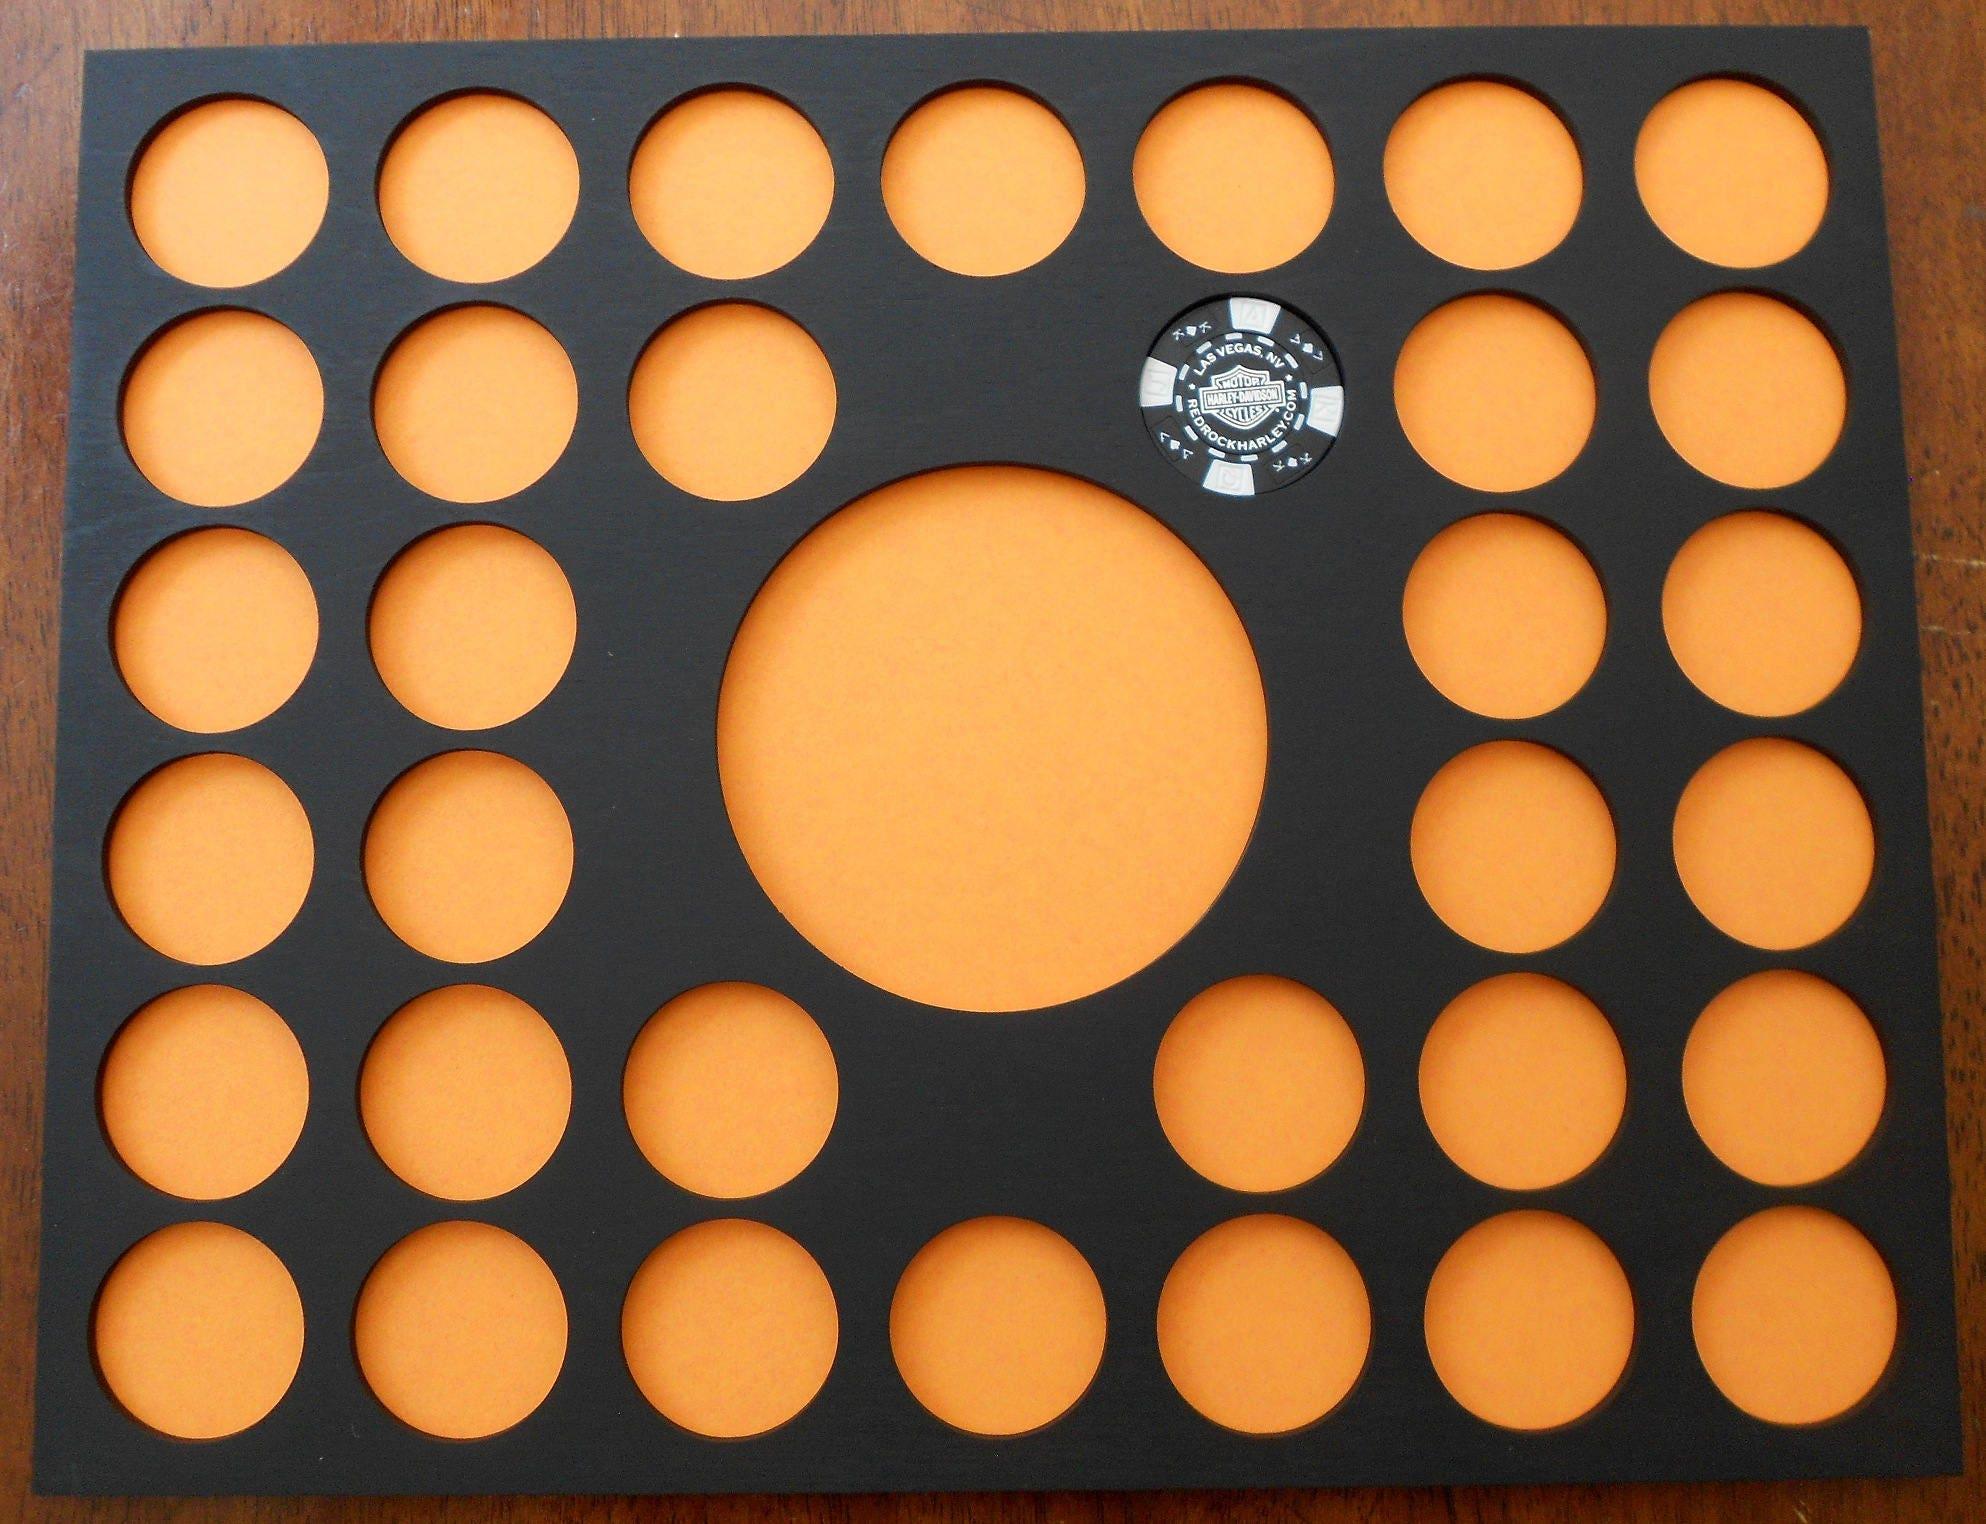 Custom Poker Chip Display Insert for Frames 11 X 14 wood | Etsy